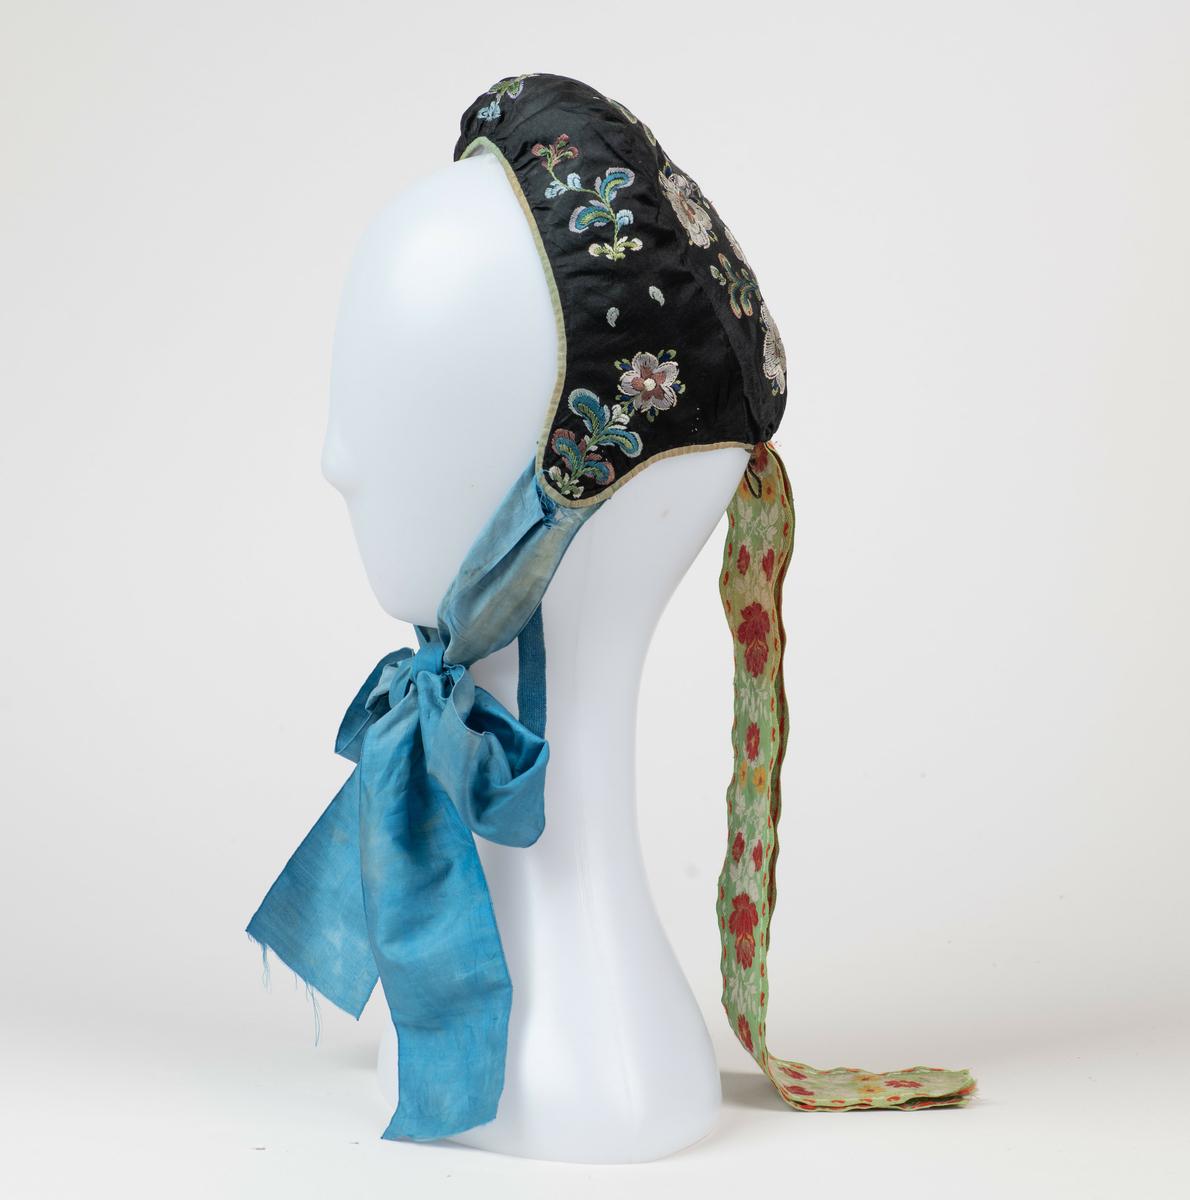 Lue. Kvinnelue, sydd av sort silke. Brodert med blomster i silkegarn på for- og bakstykket. Kantet med et smalt bånd av grønn silke. Knytebånd under haken av blå silke, og nakkebånd av vevd, blomstret silke. Foret med tynn, mønstret bomull.